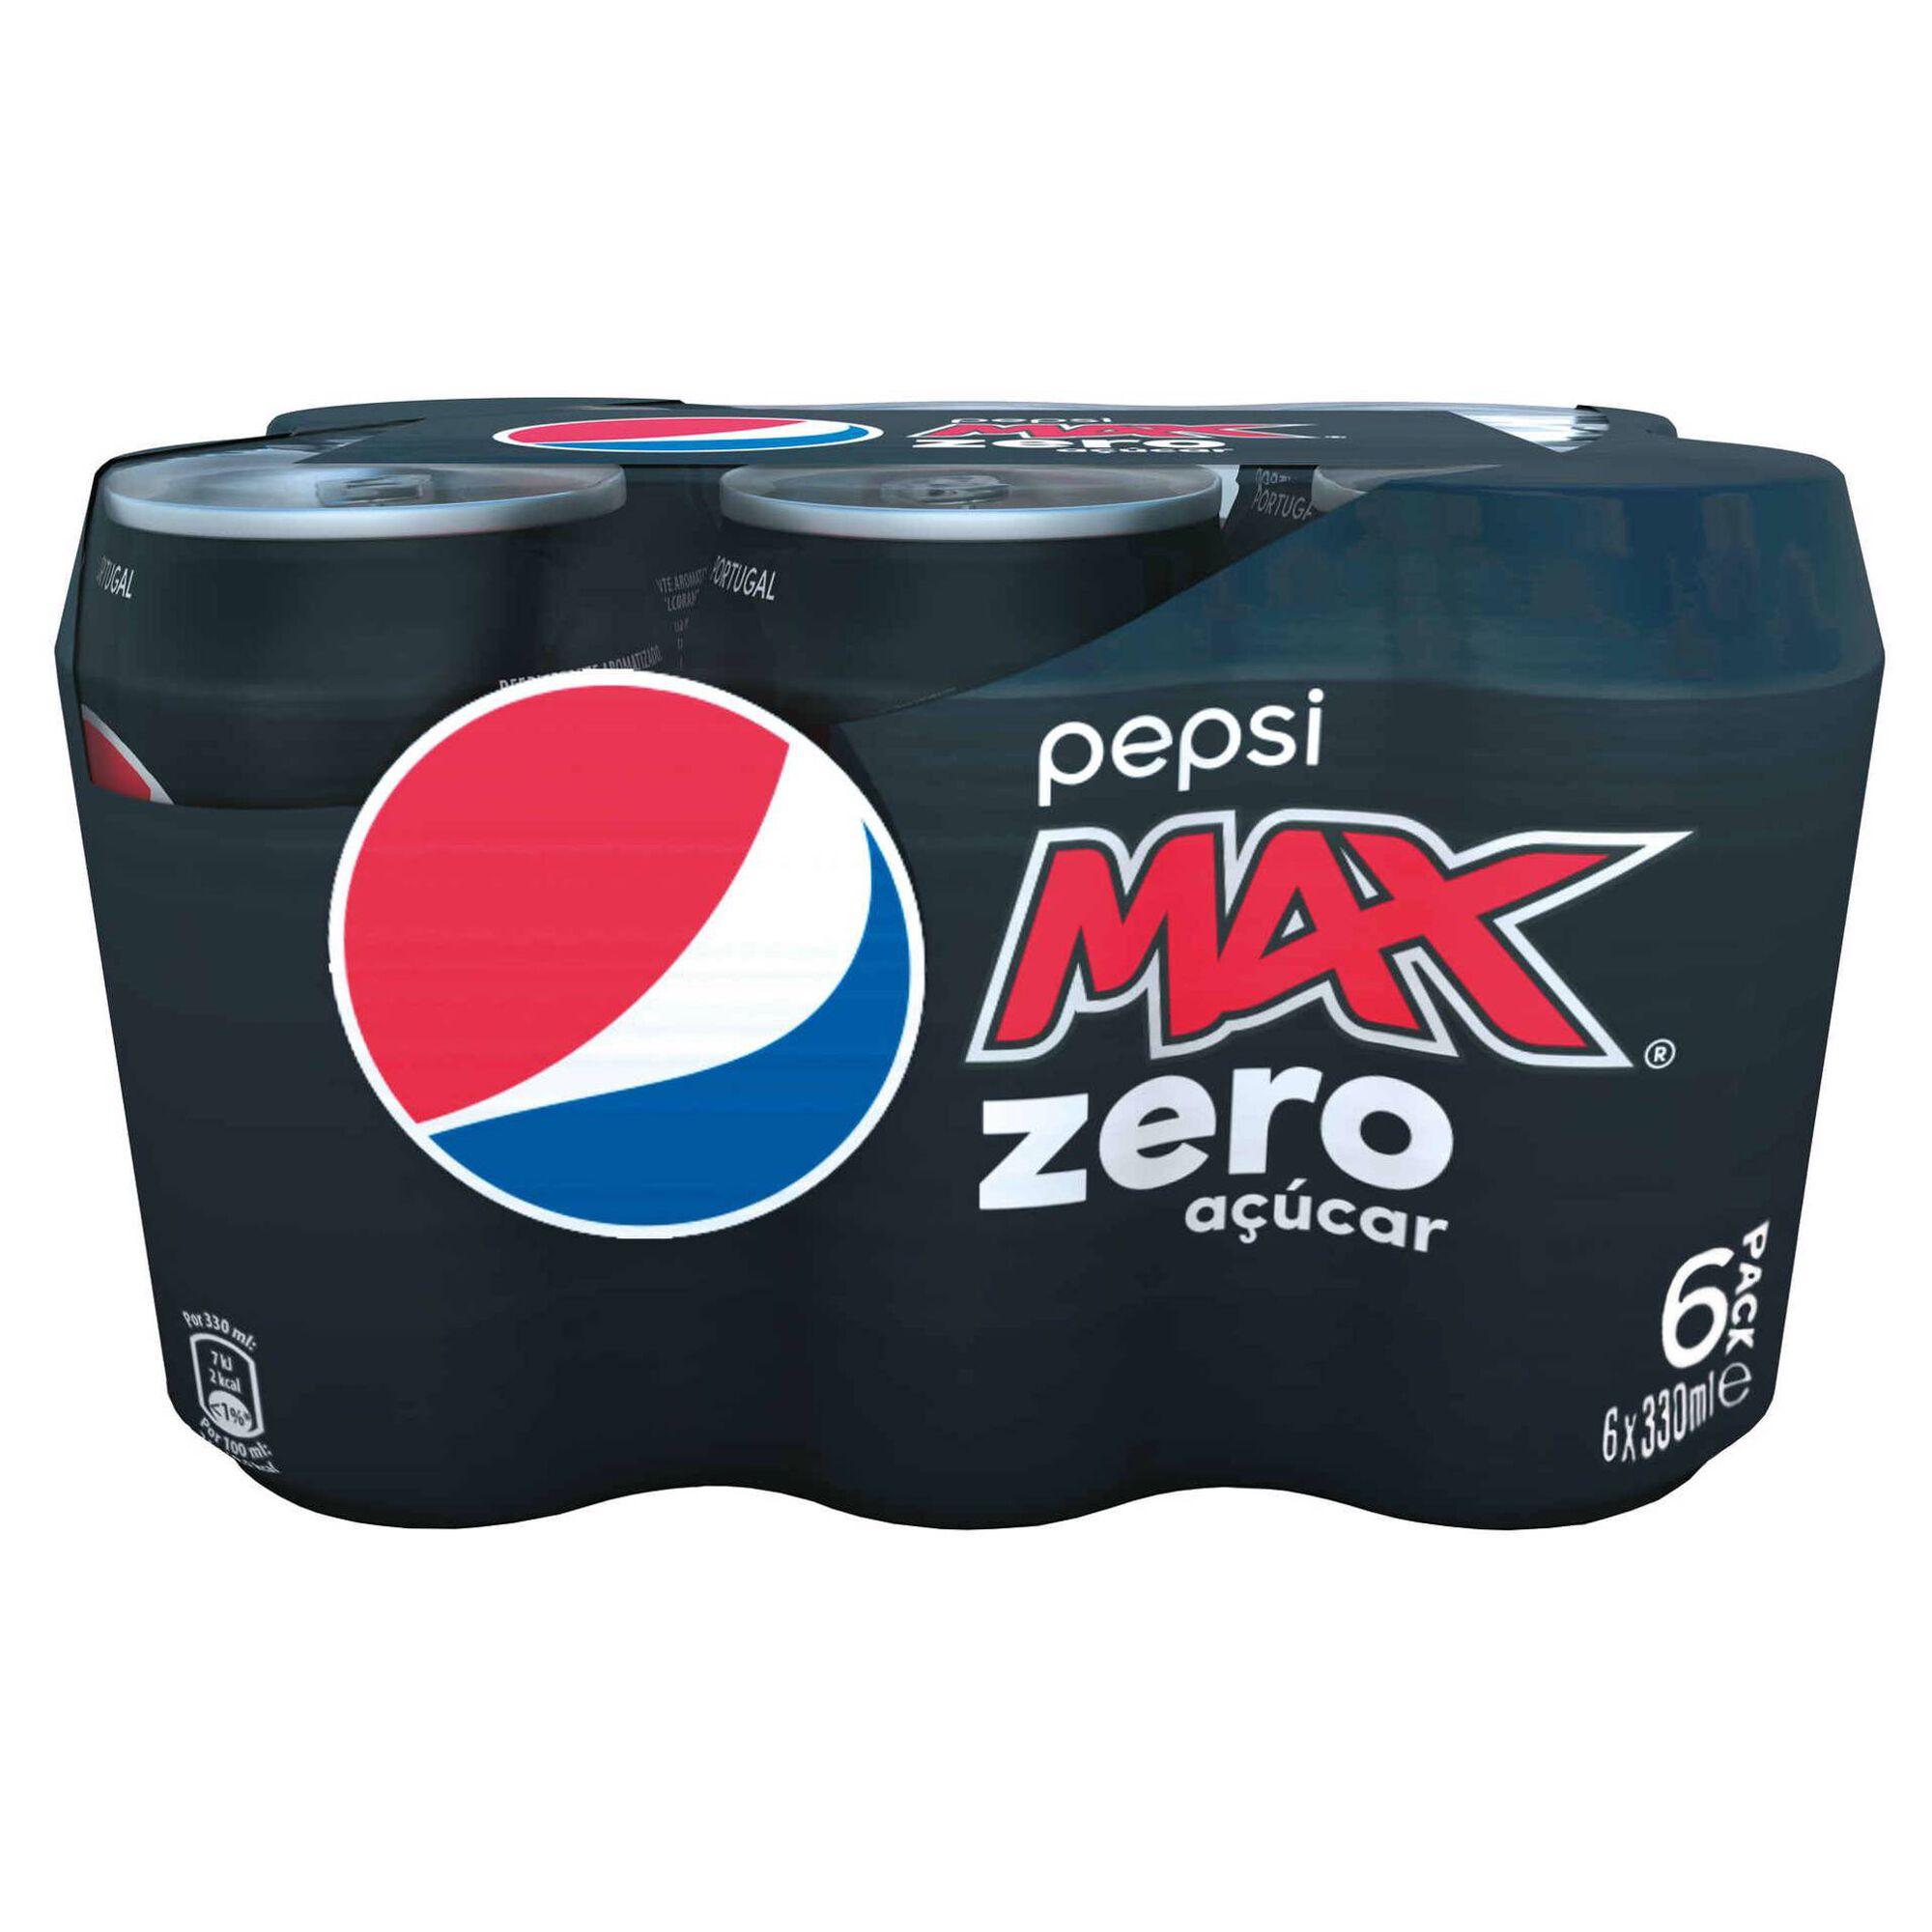 Refrigerante com Gás Zero Açúcar